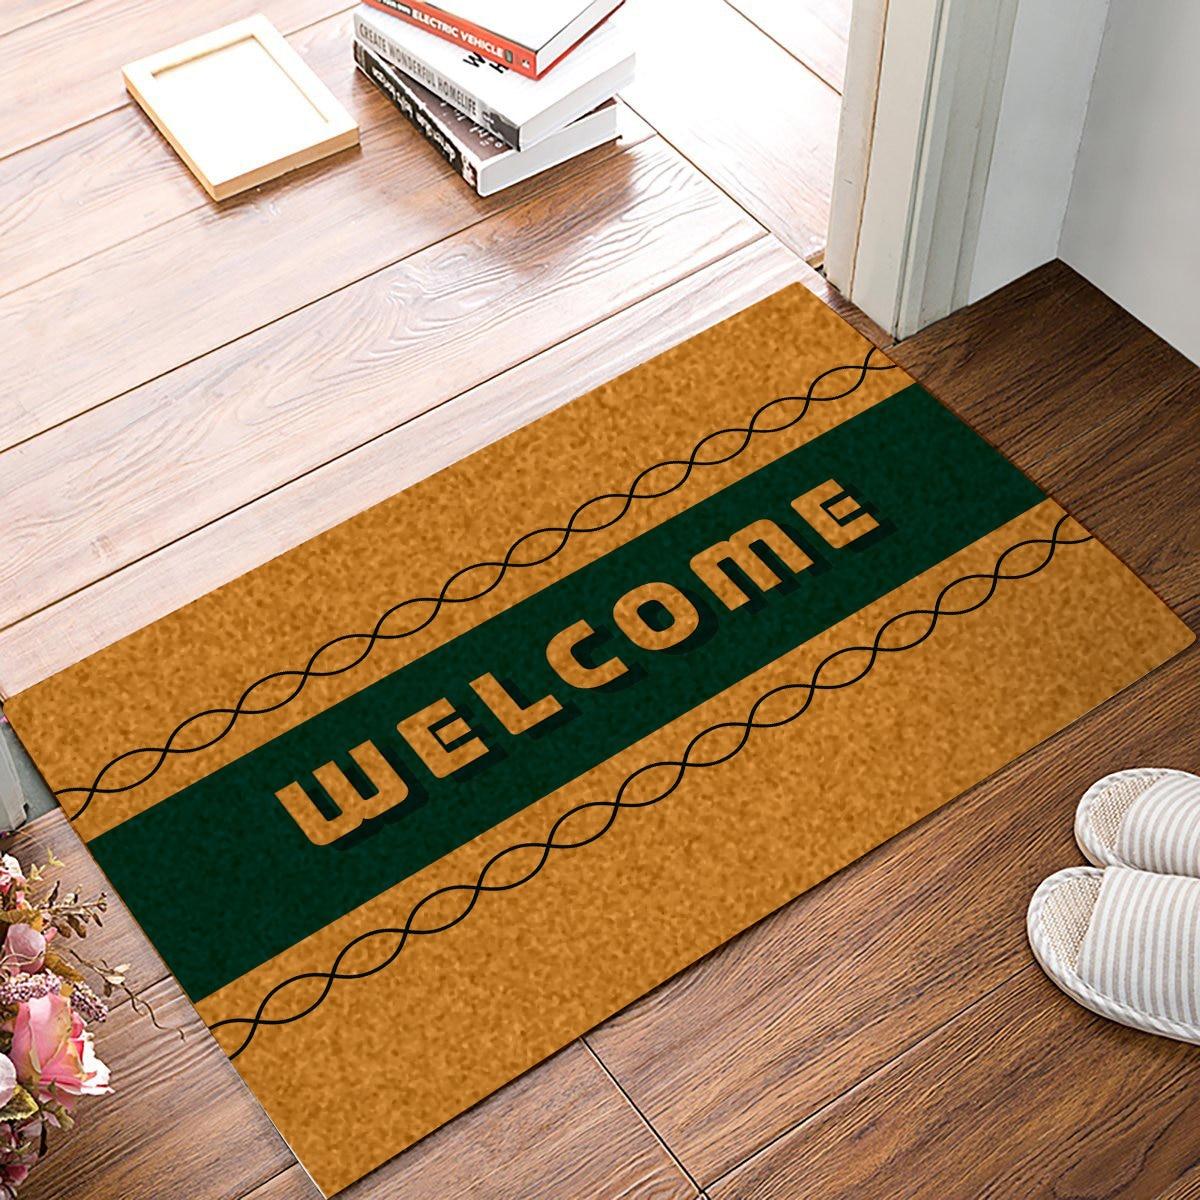 Rubber Welcome Door Mats Kitchen Floor Bath Entrance Mat Anti-Slip Indoor outdoor Decor Doormats